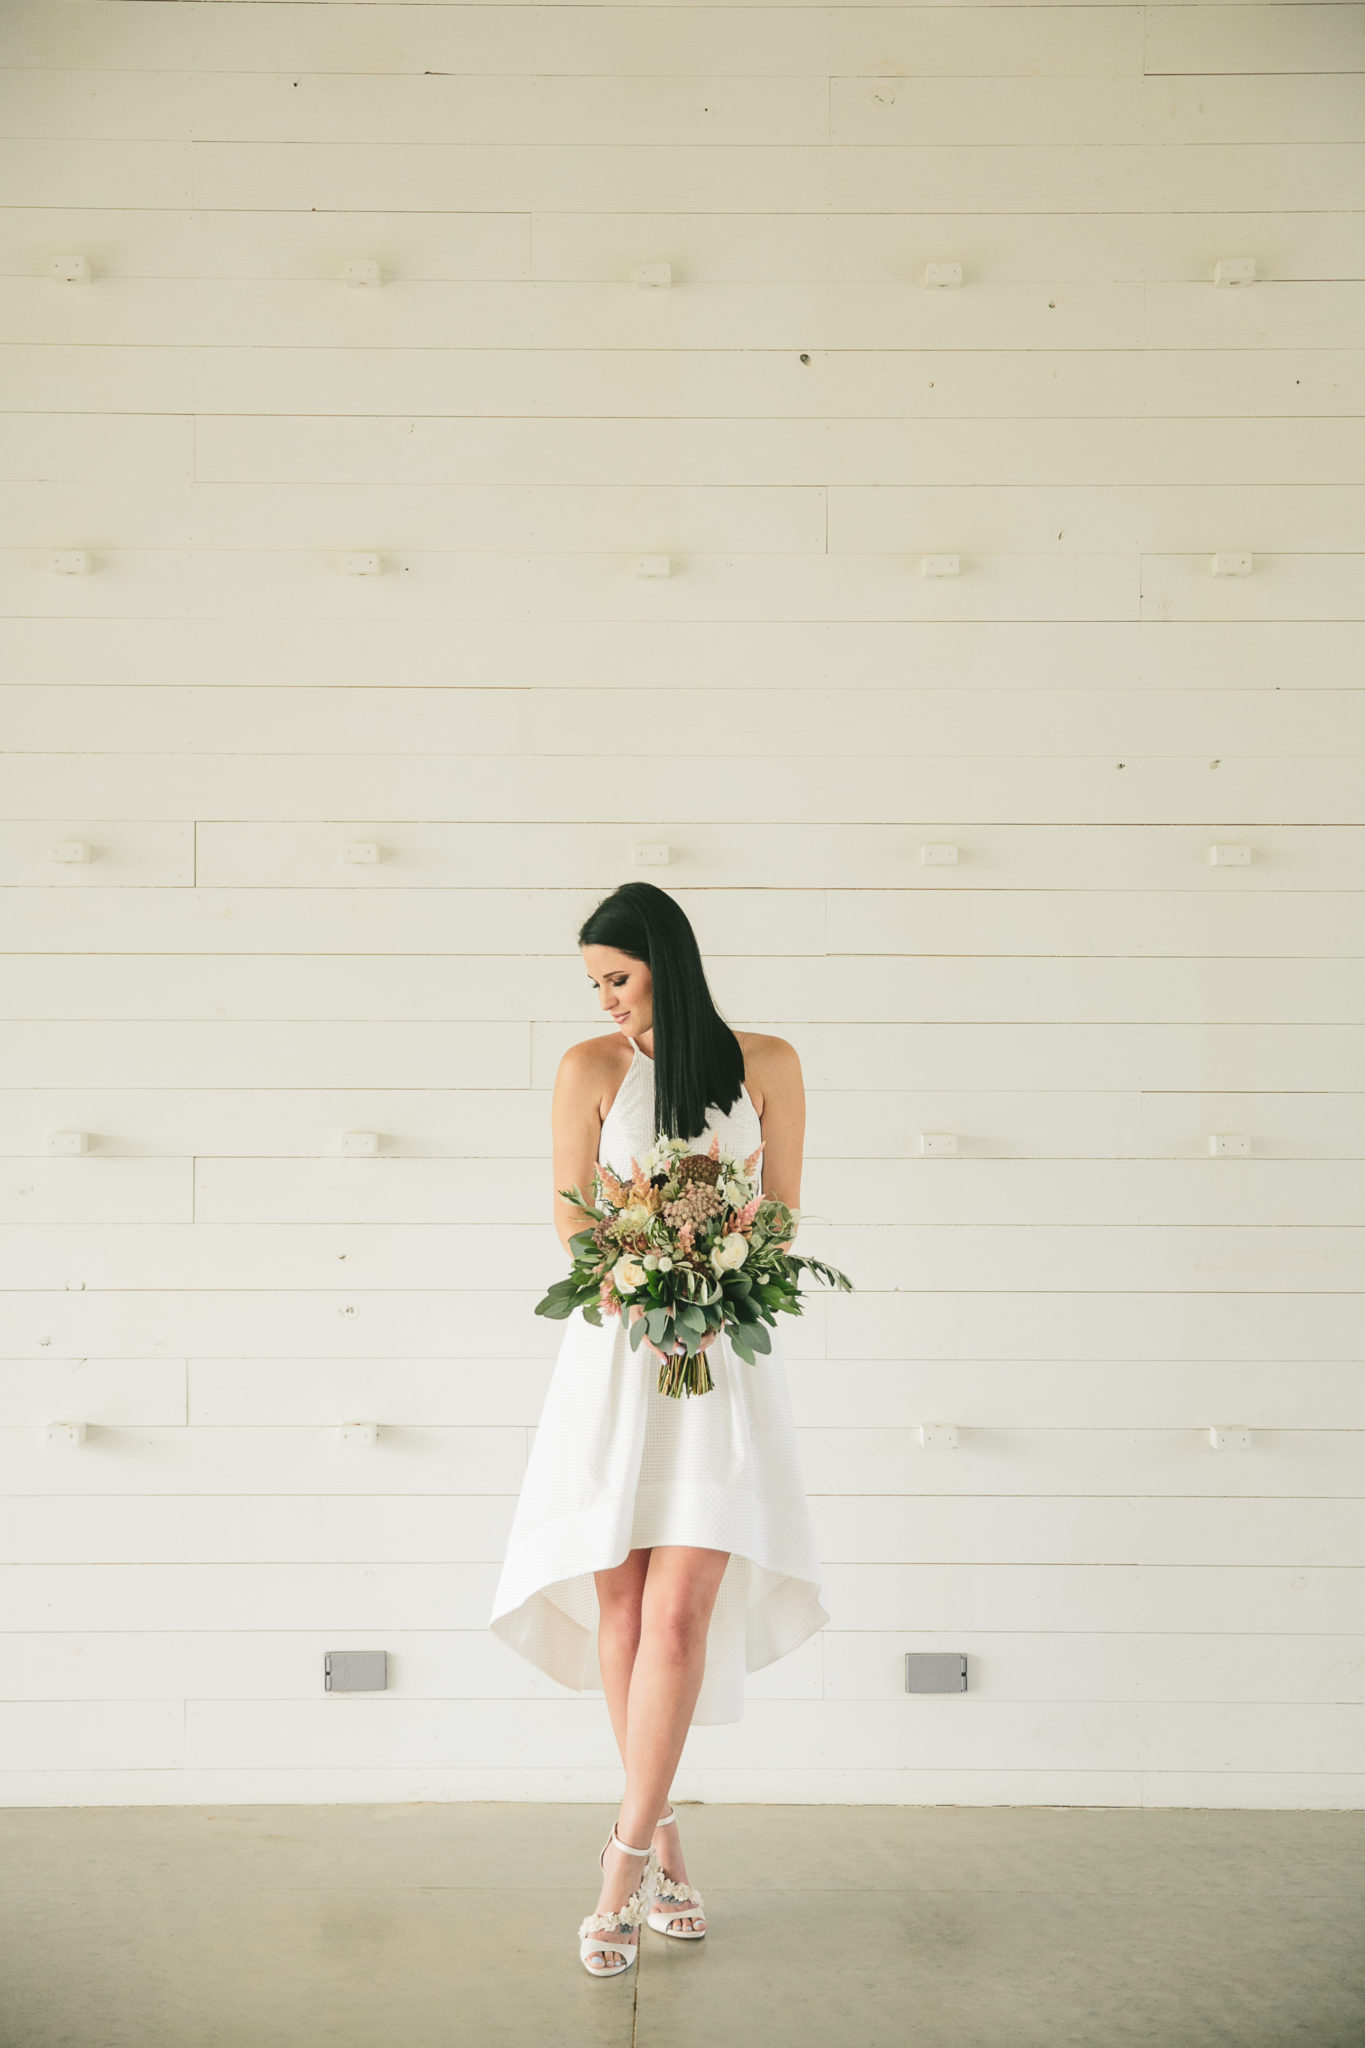 king-florist-austin-bouquet